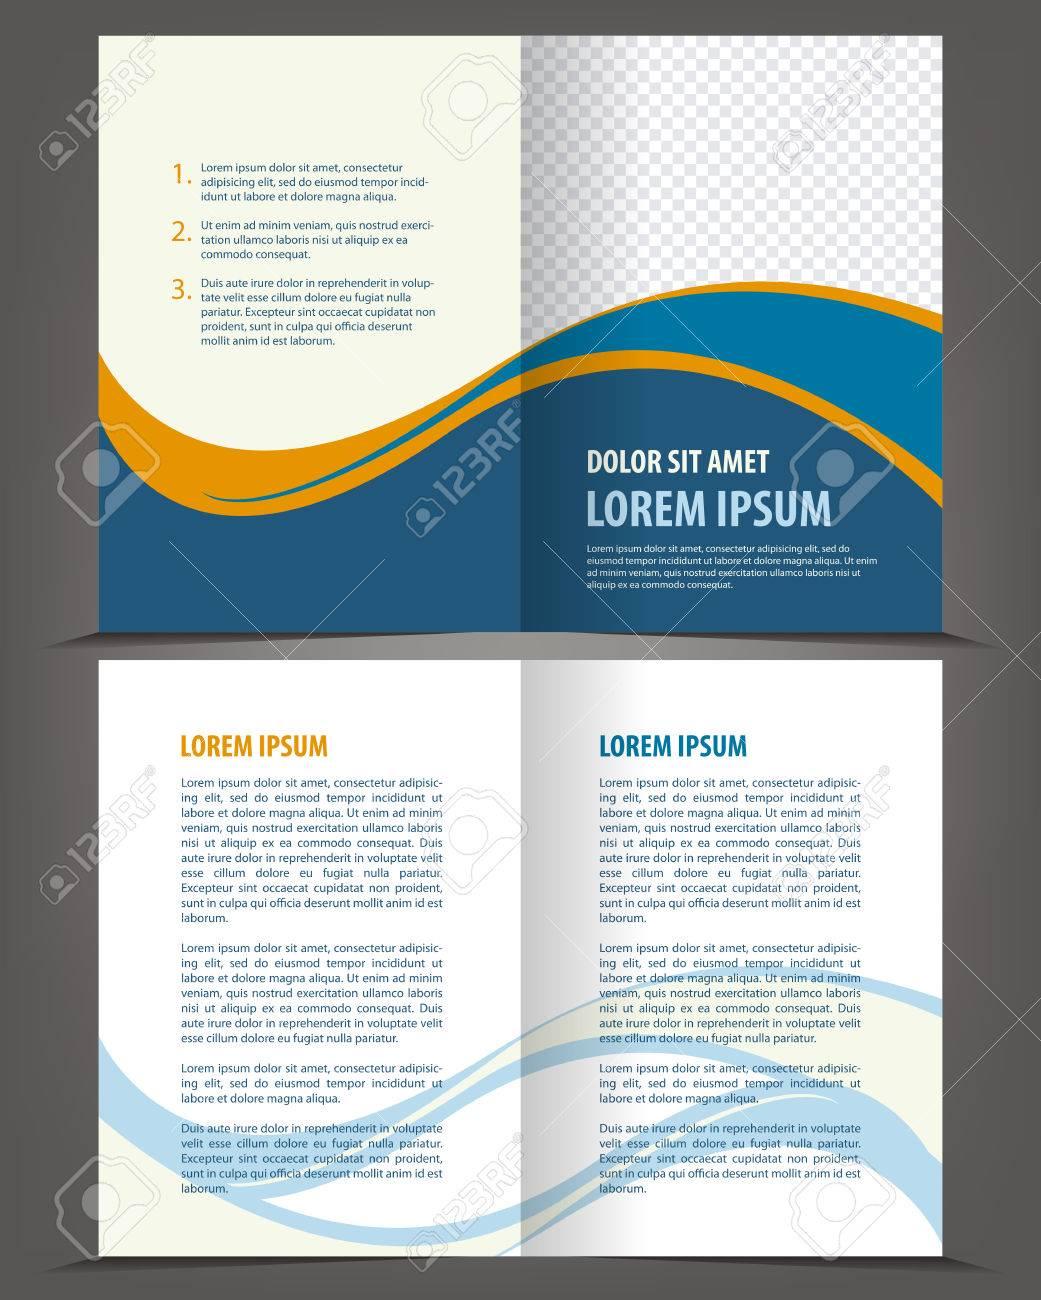 Erfreut Lebenslauf Broschüre 8 Seiten Bilder - Entry Level Resume ...